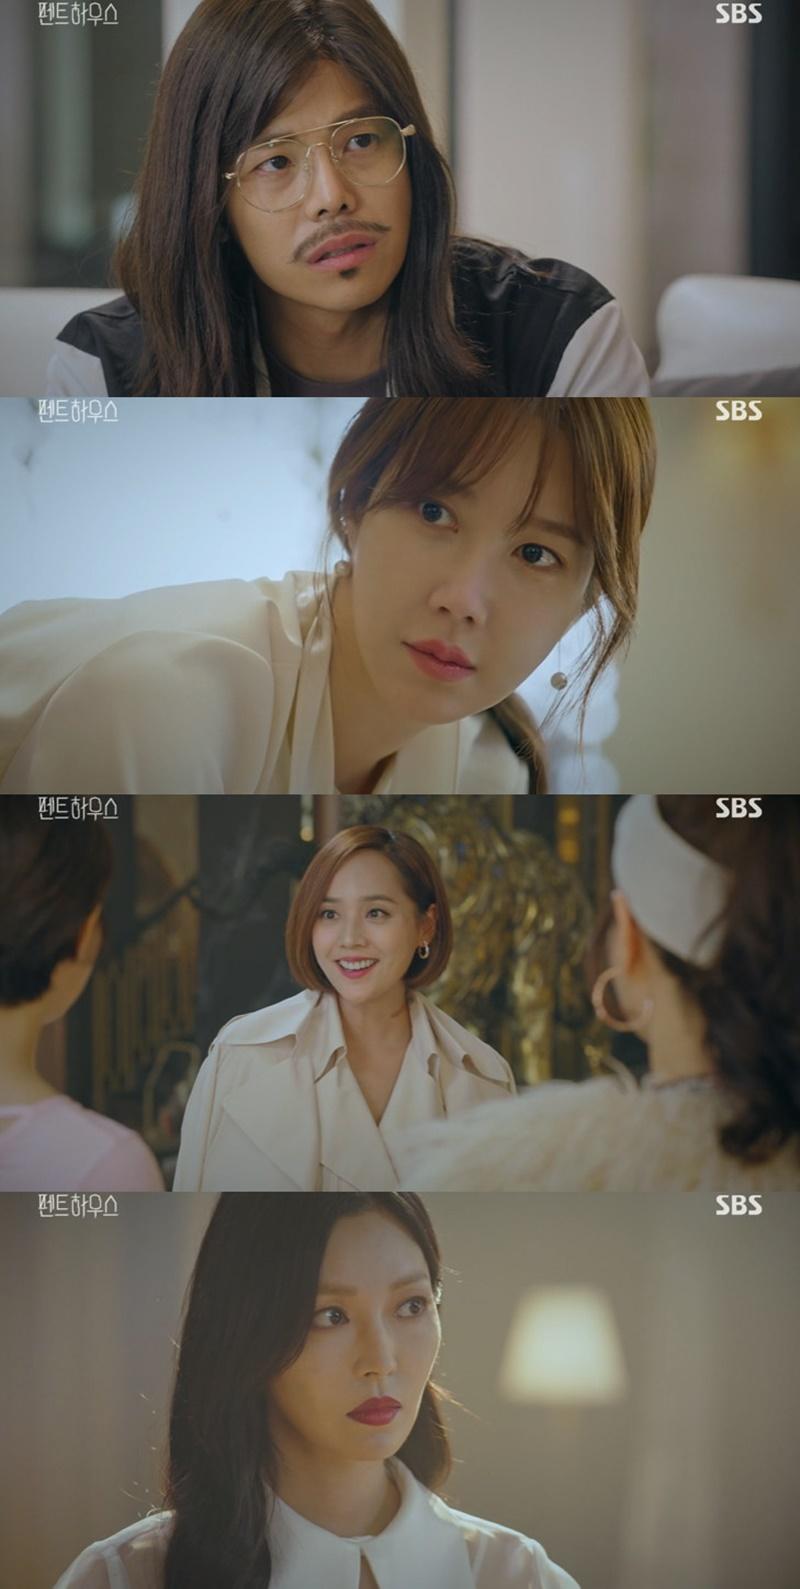 '펜트하우스' 박은석, 이지아와 무슨 관계?